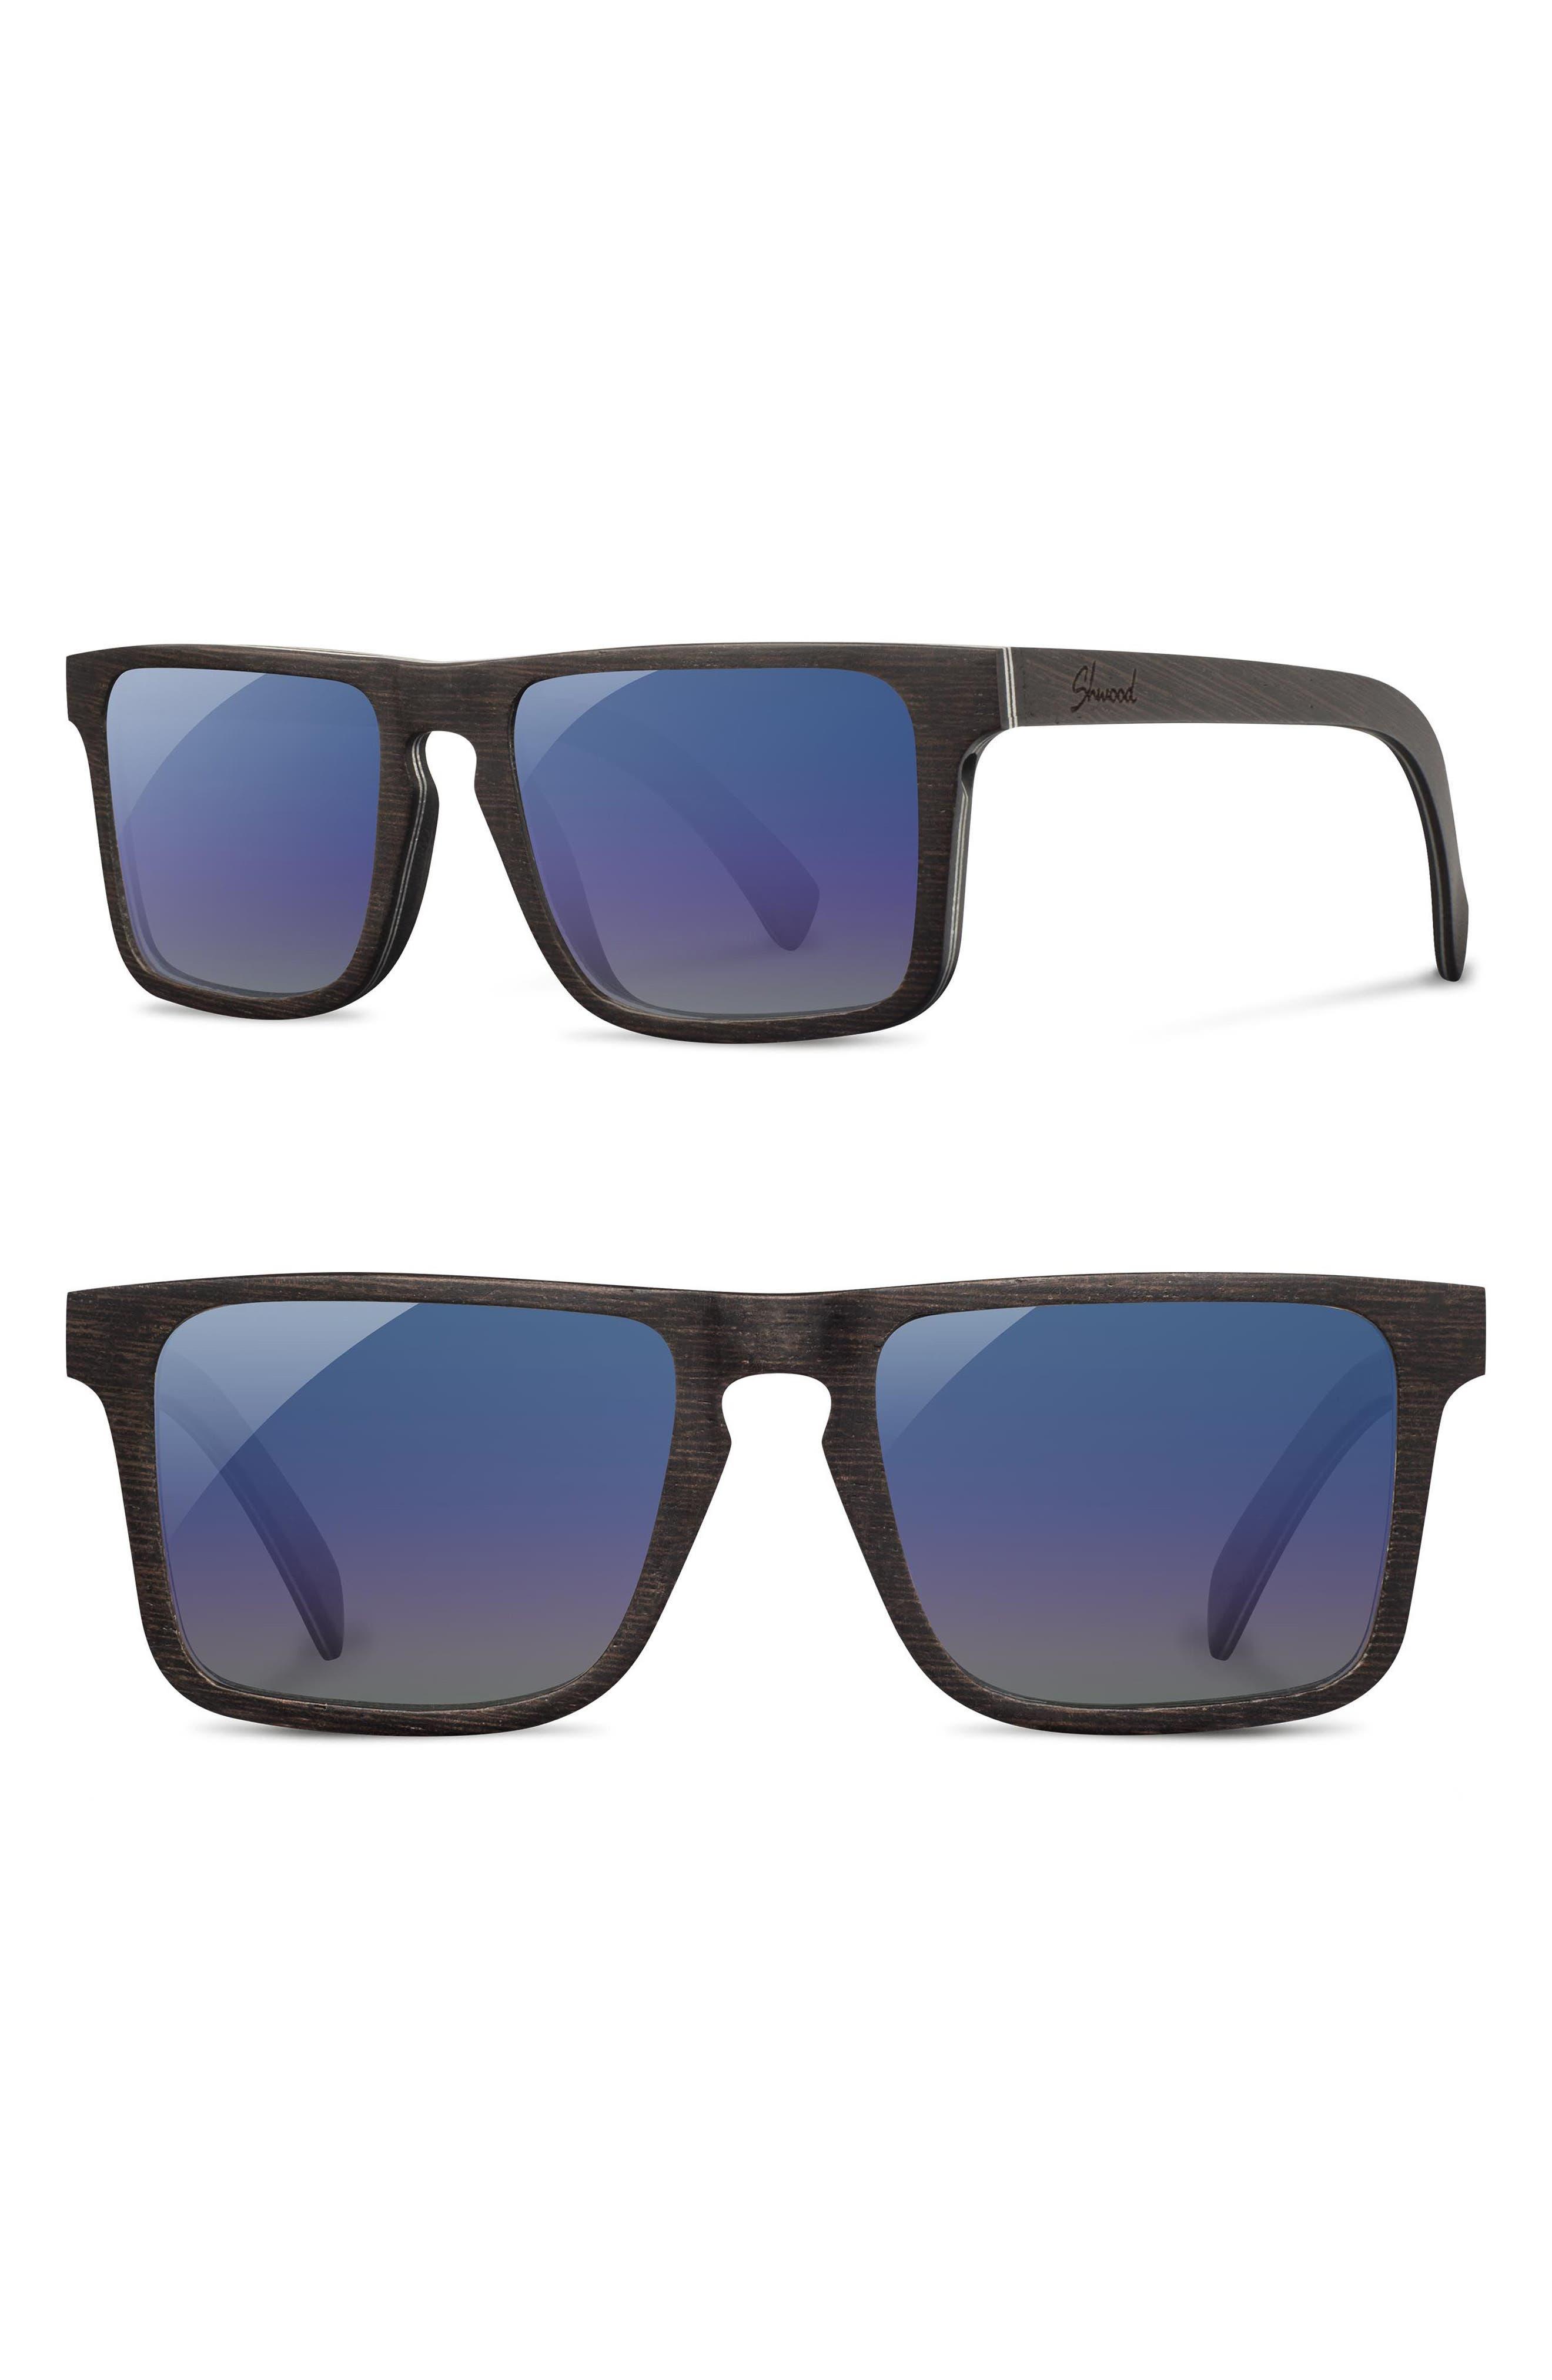 Main Image - Shwood Govy 2 53mm Polarized Wood Sunglasses